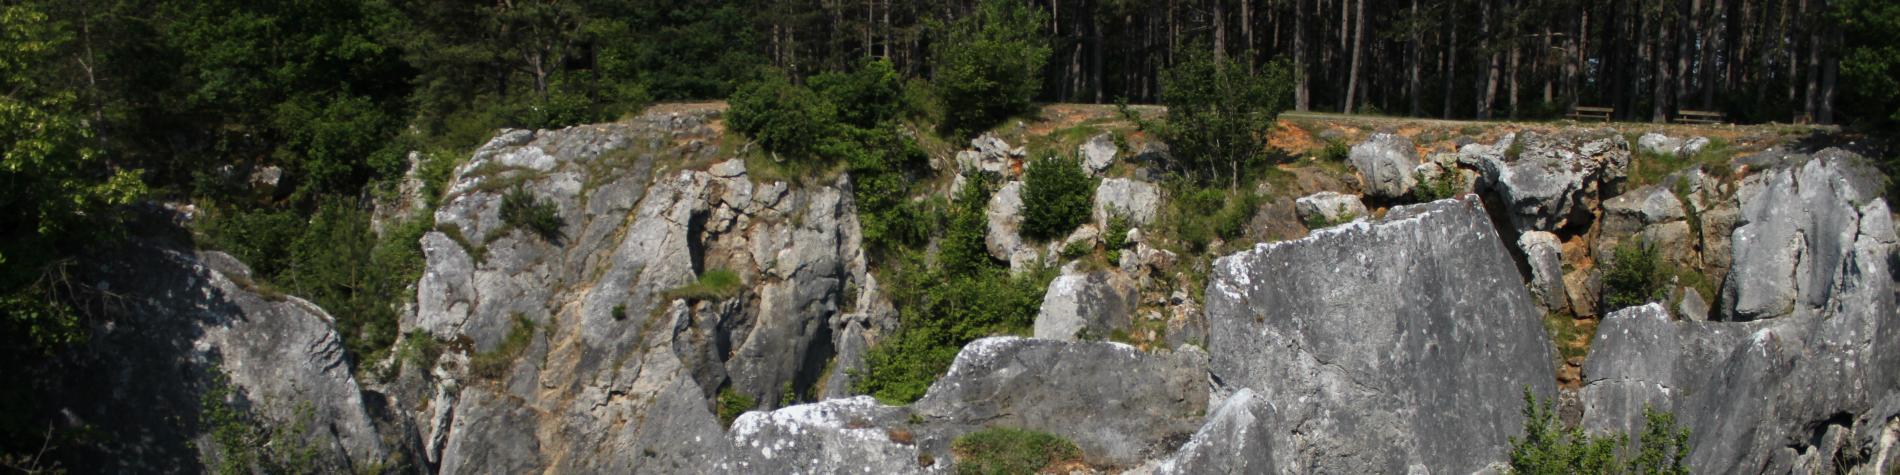 Parc naturel Viroin - Hermeton